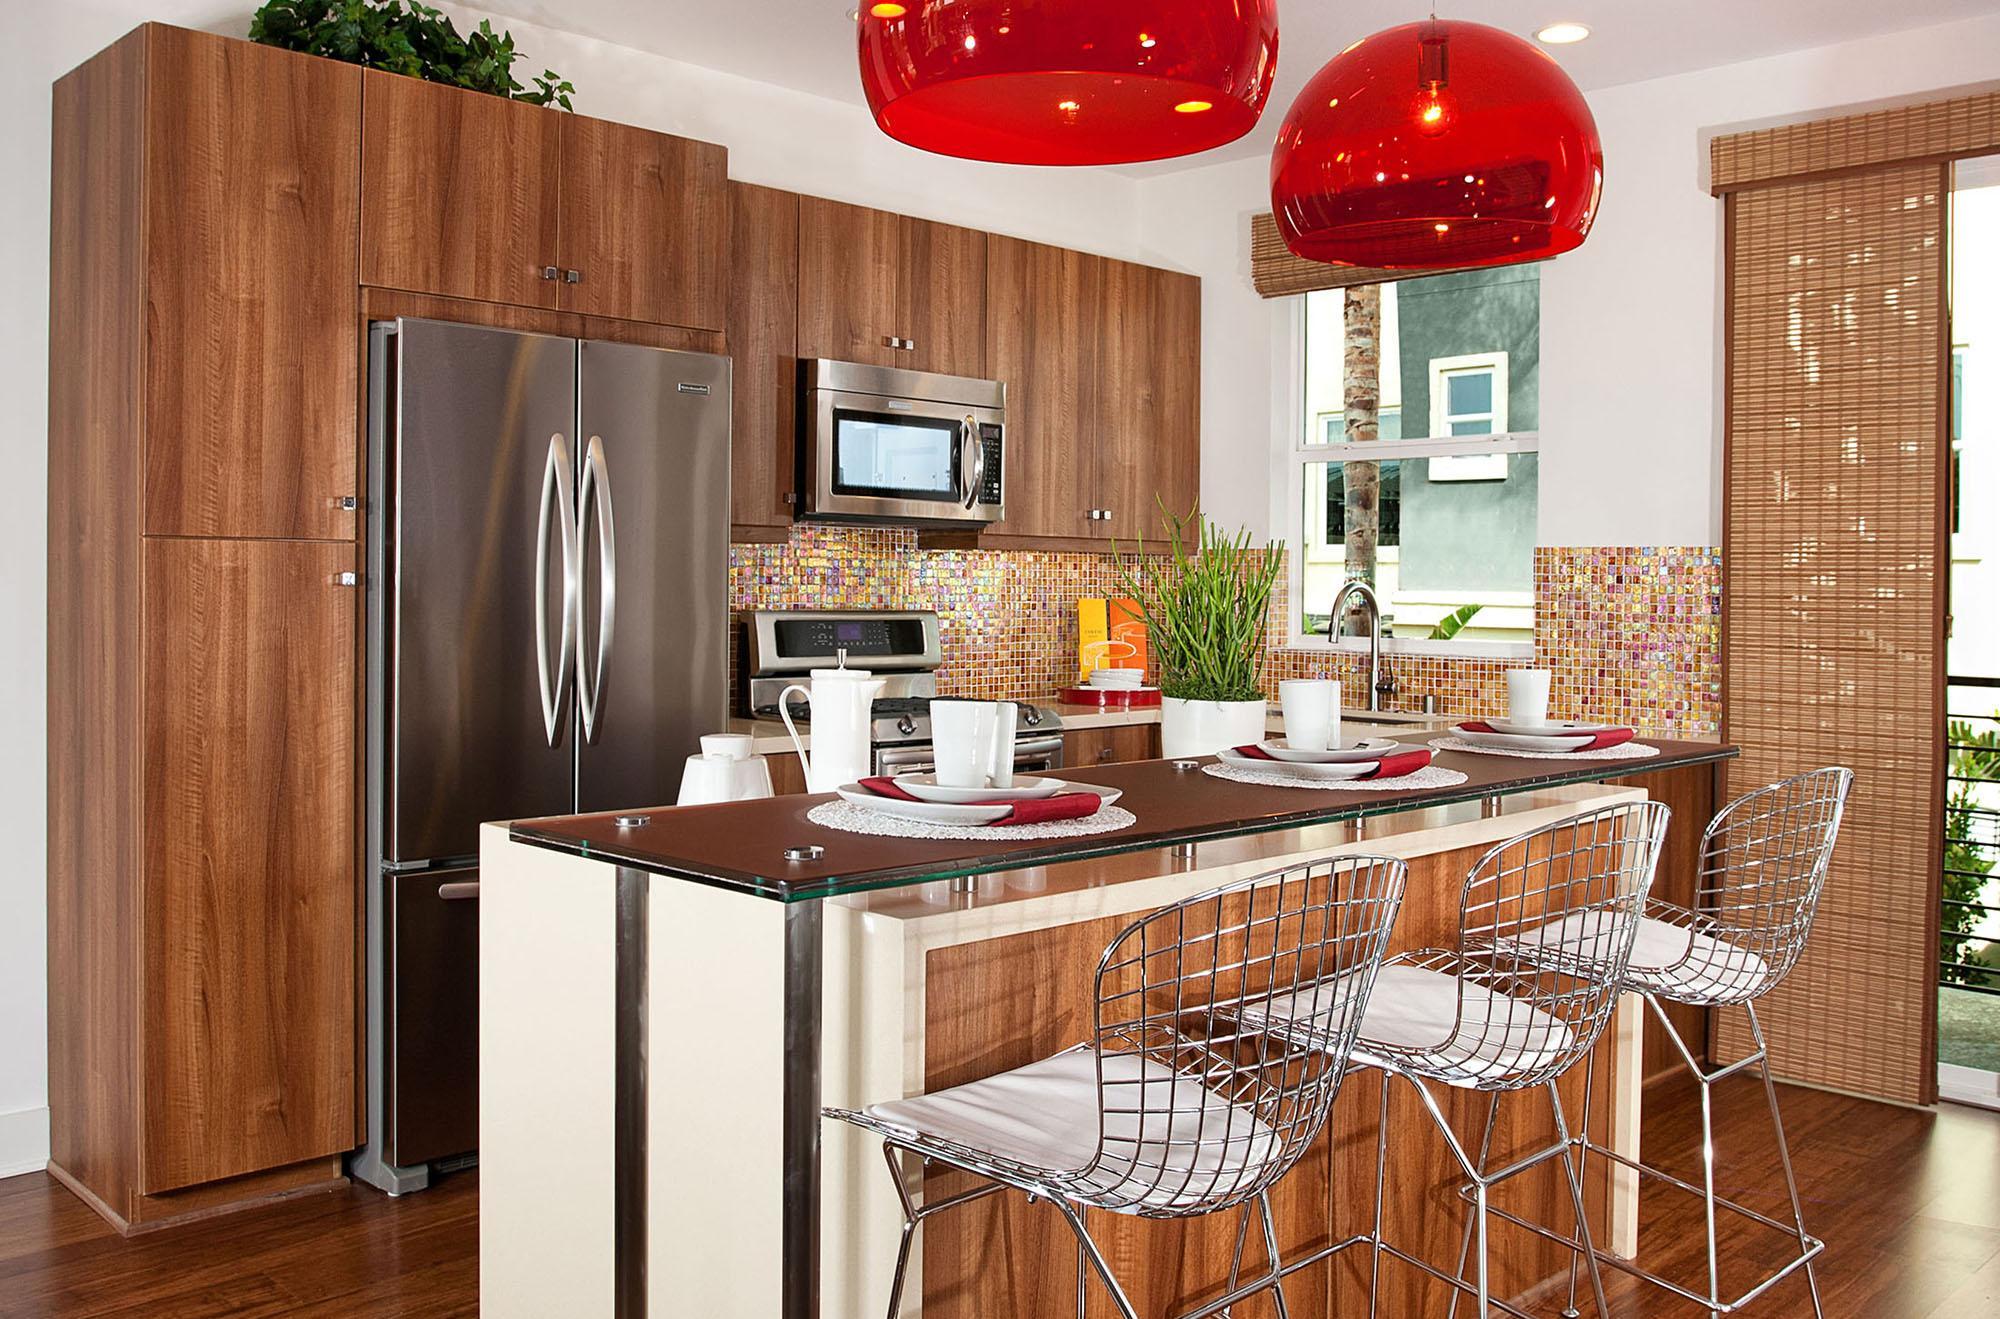 Совмещенные столешница и барная стойка на кухне